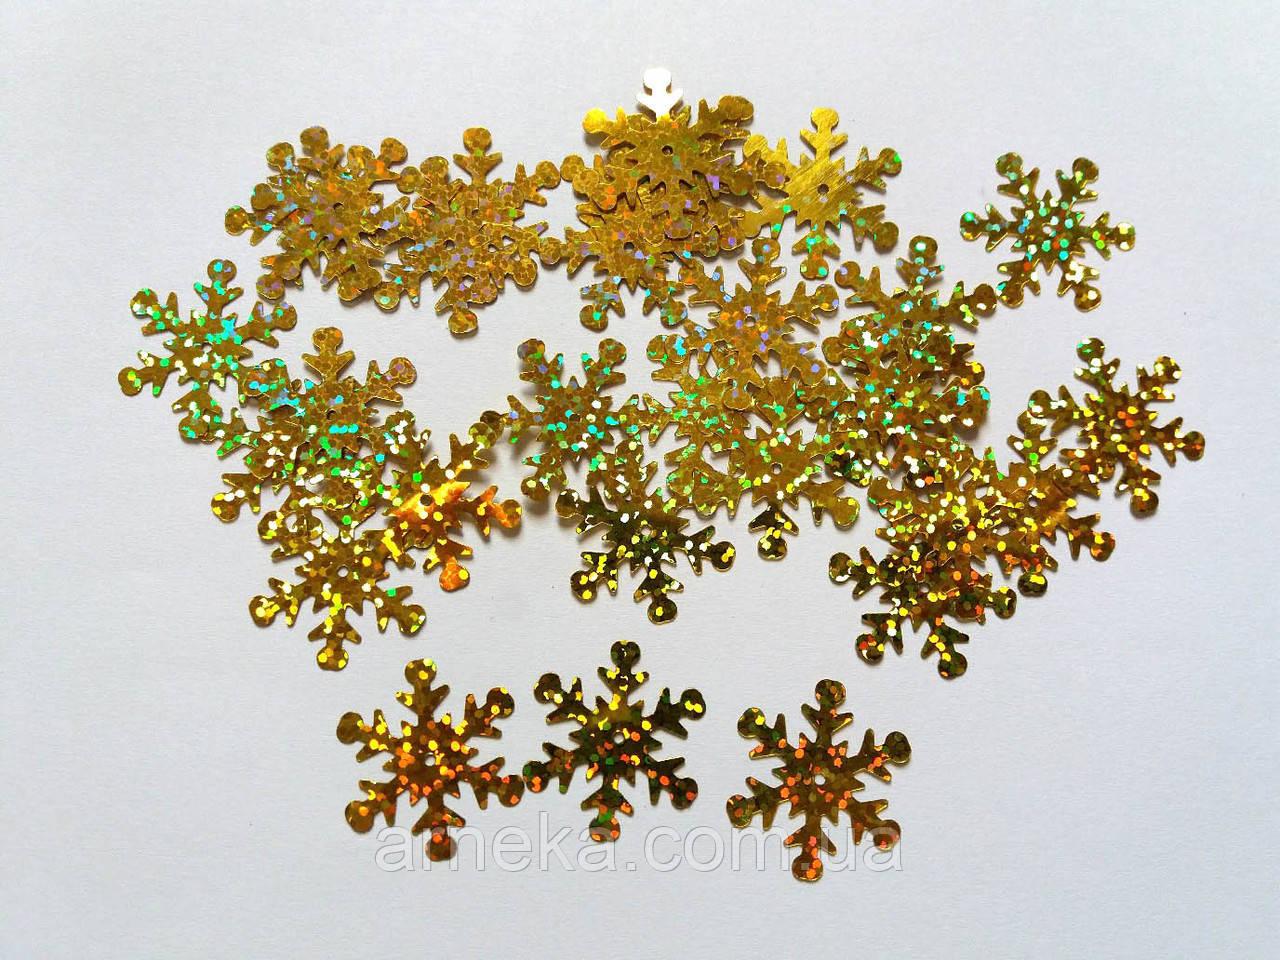 Пайетки снежинки 2,5 см Золотые. Набор 10 грамм